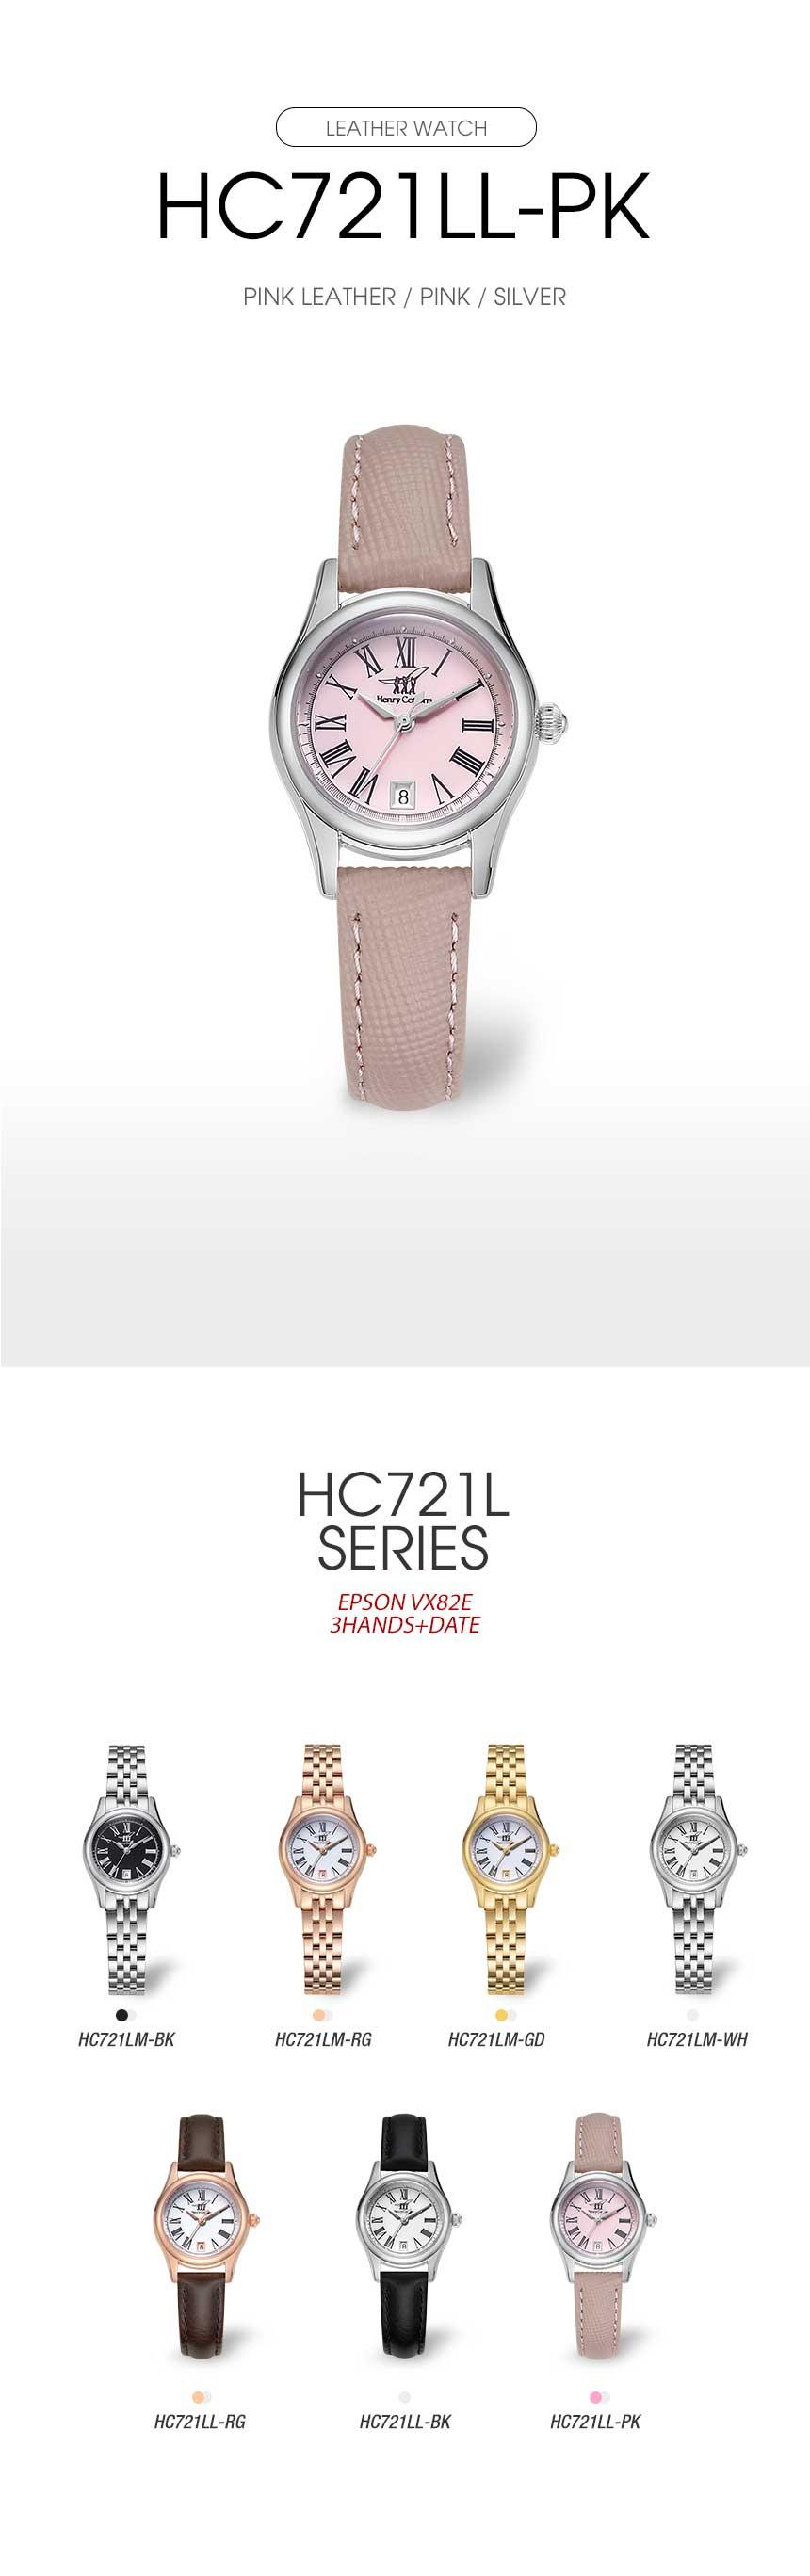 헨리코튼(HENRY COTTON'S) 여자 가죽시계 HC721LL-PK